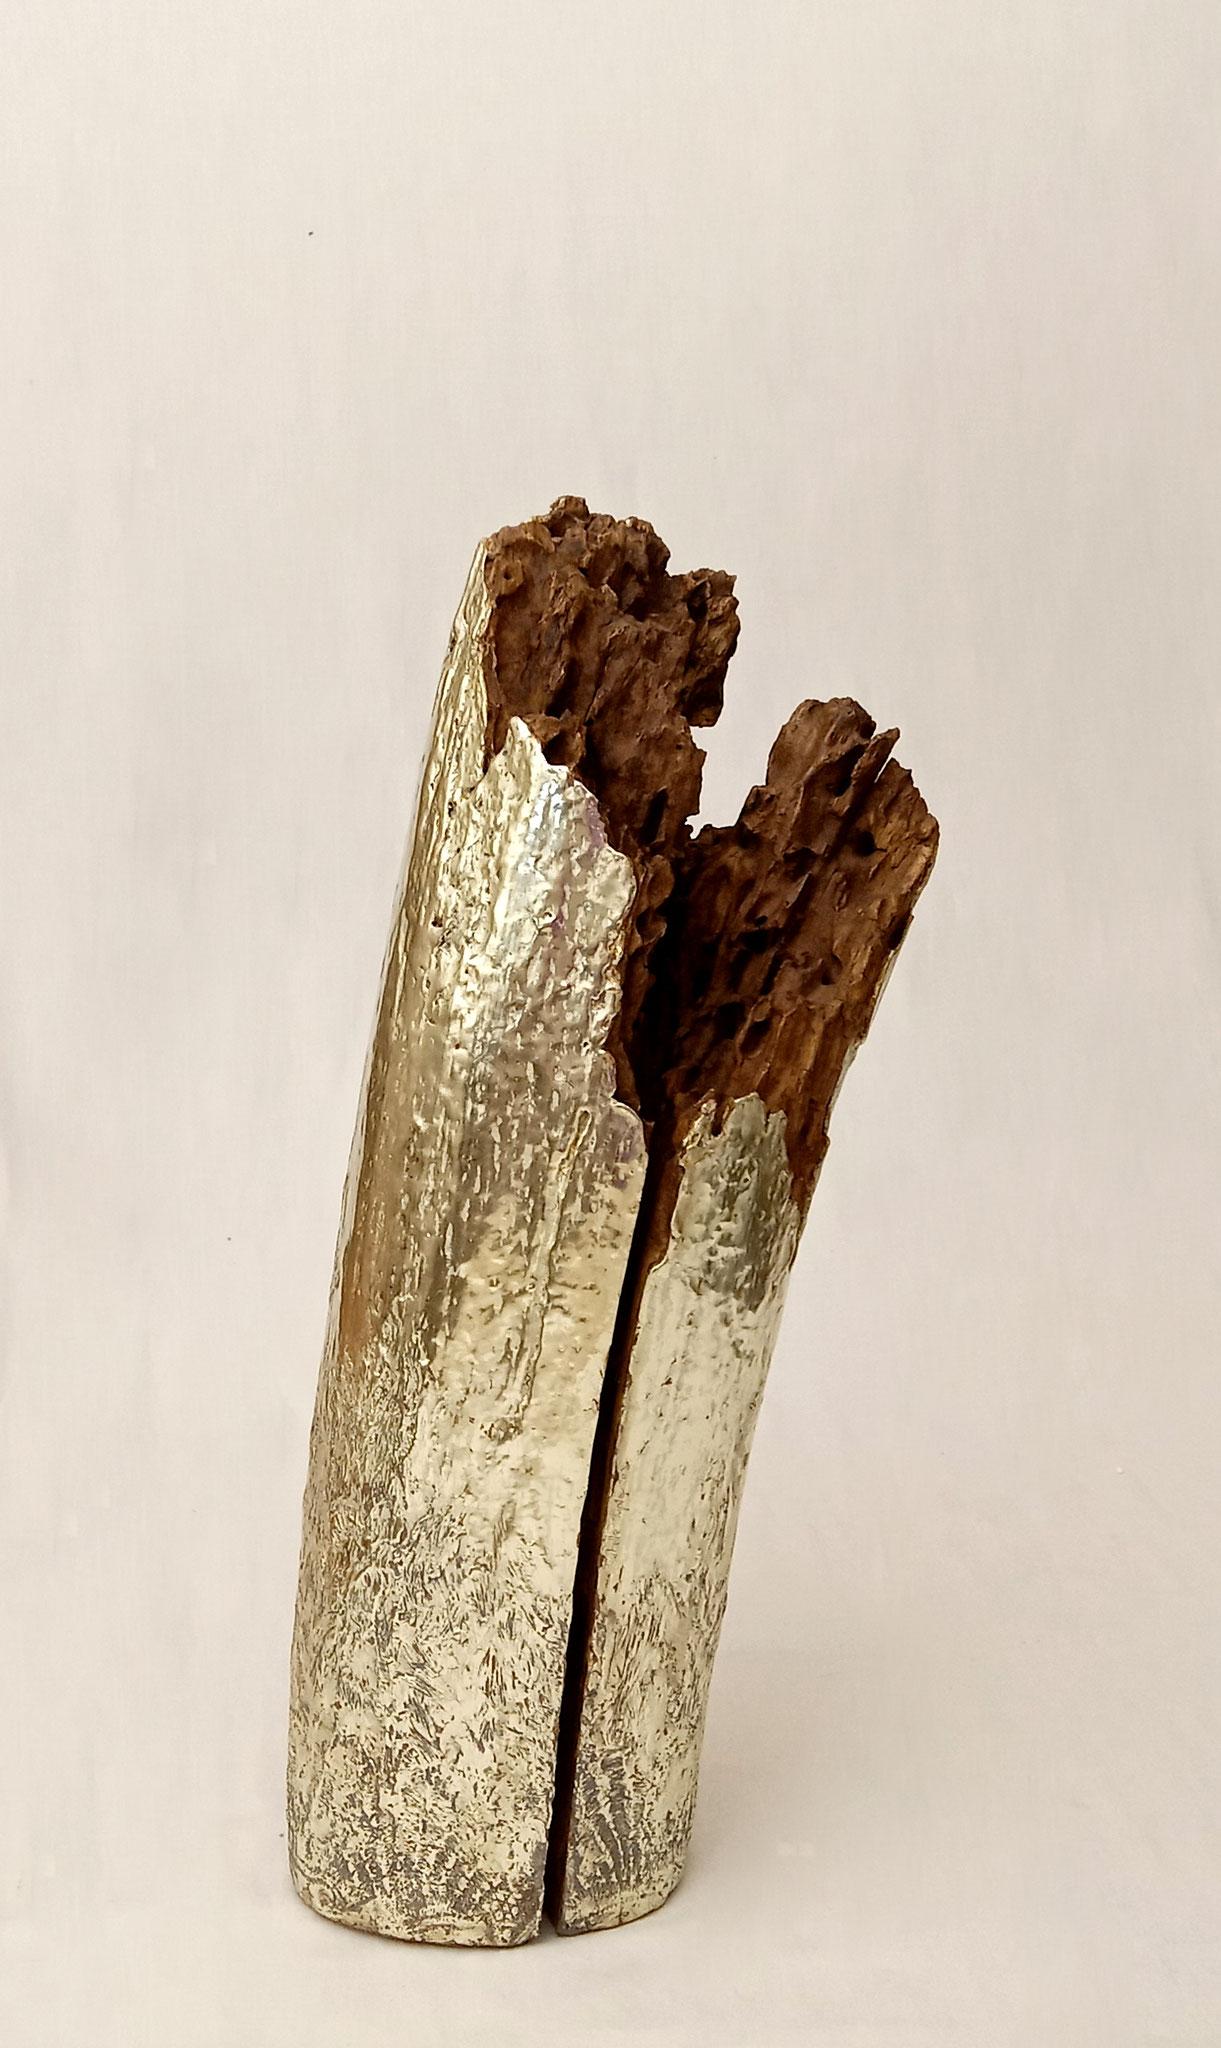 SAKIM  Frêne (?), feuilles d'or blanc 12 carats. Hauteur 48 cm Diamètre 17 cm